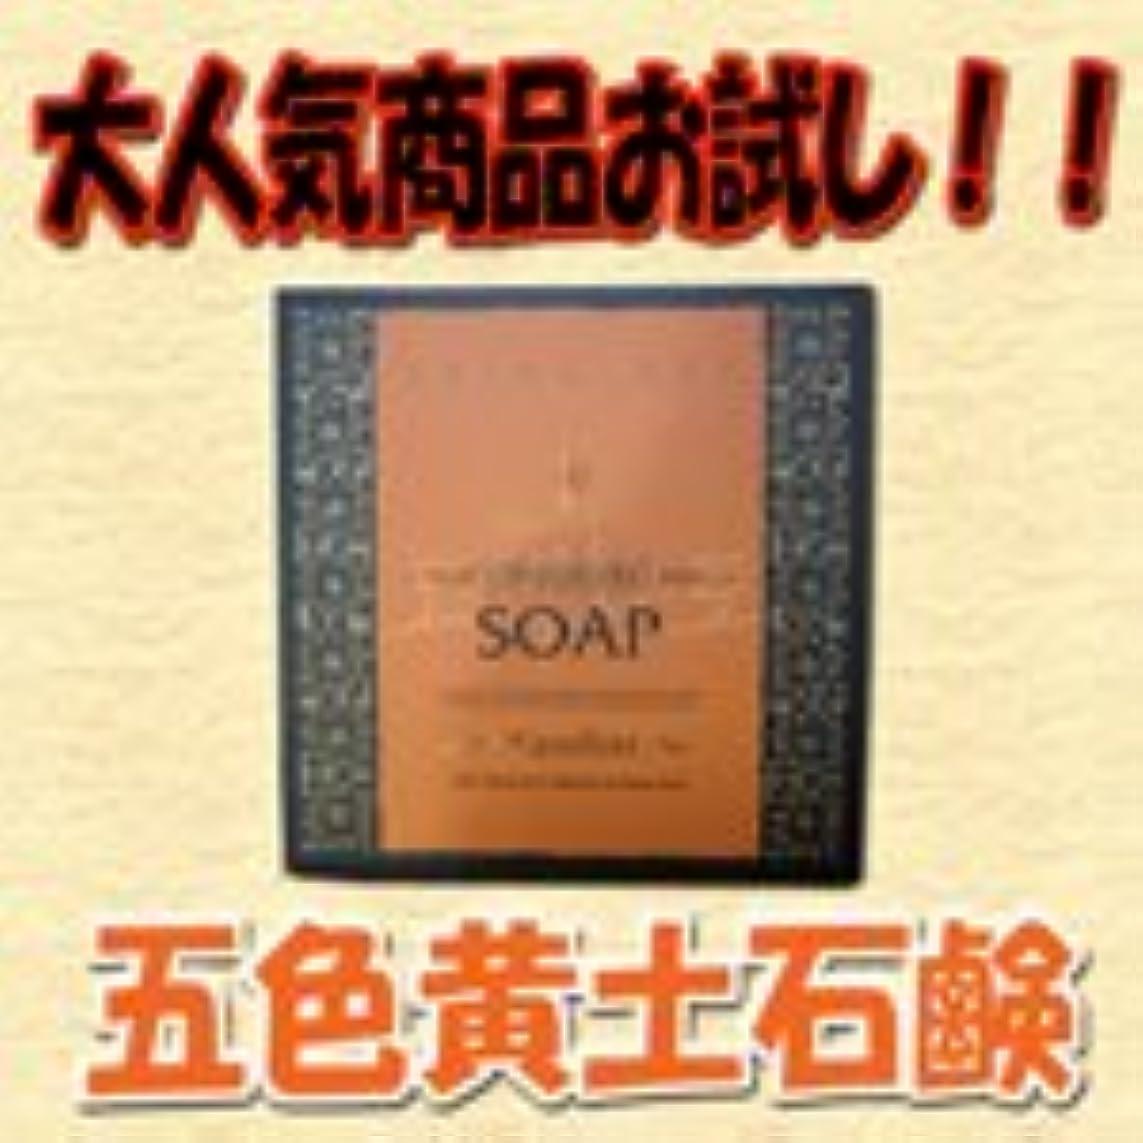 普通にバンバトル五色黄土石鹸 トライアルセット 20g 1個入り 【天然ミネラル】